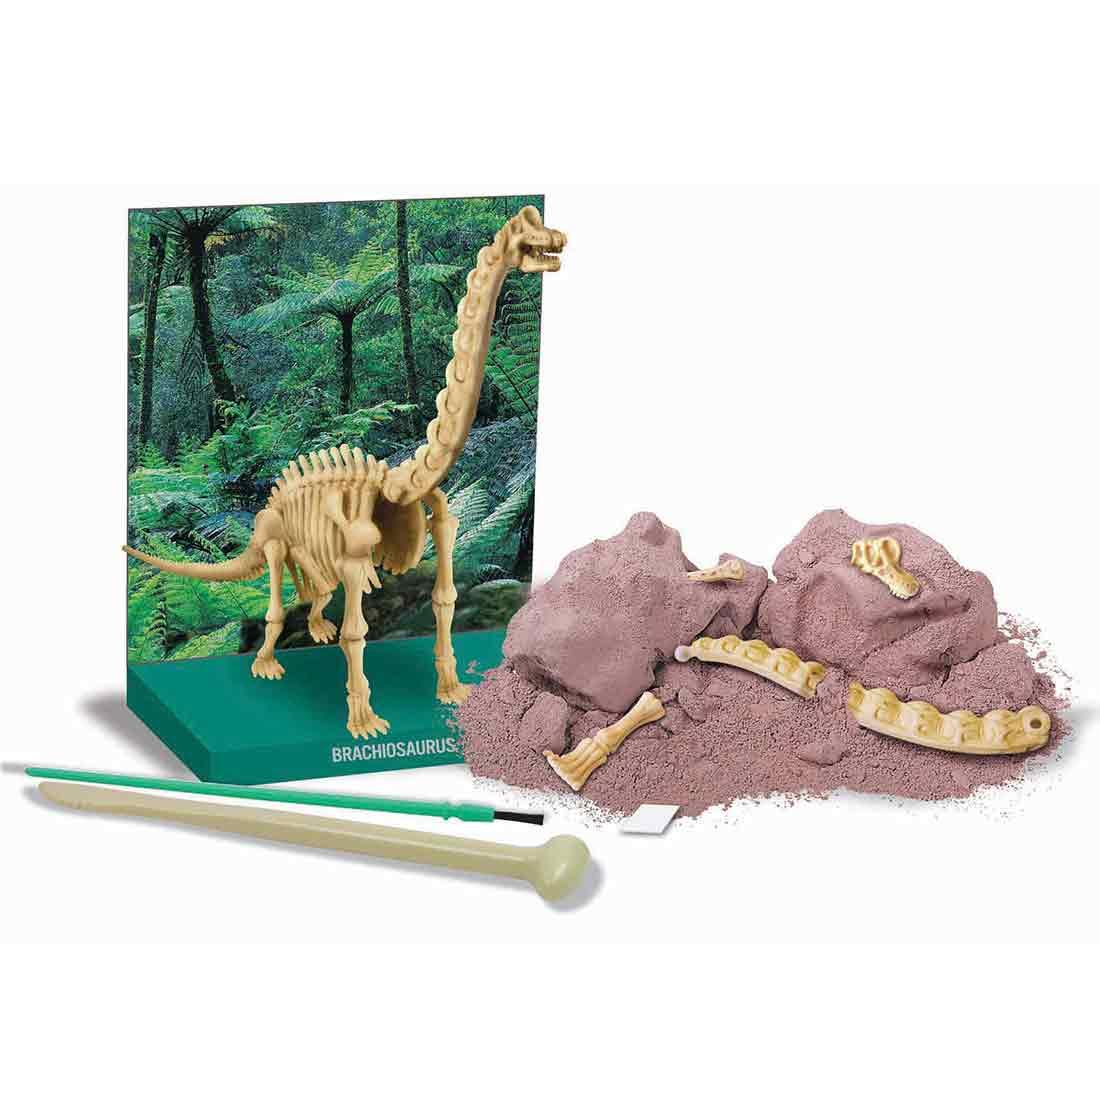 חפירת שלד דינוזאור ברכיוזאורוס תכולה